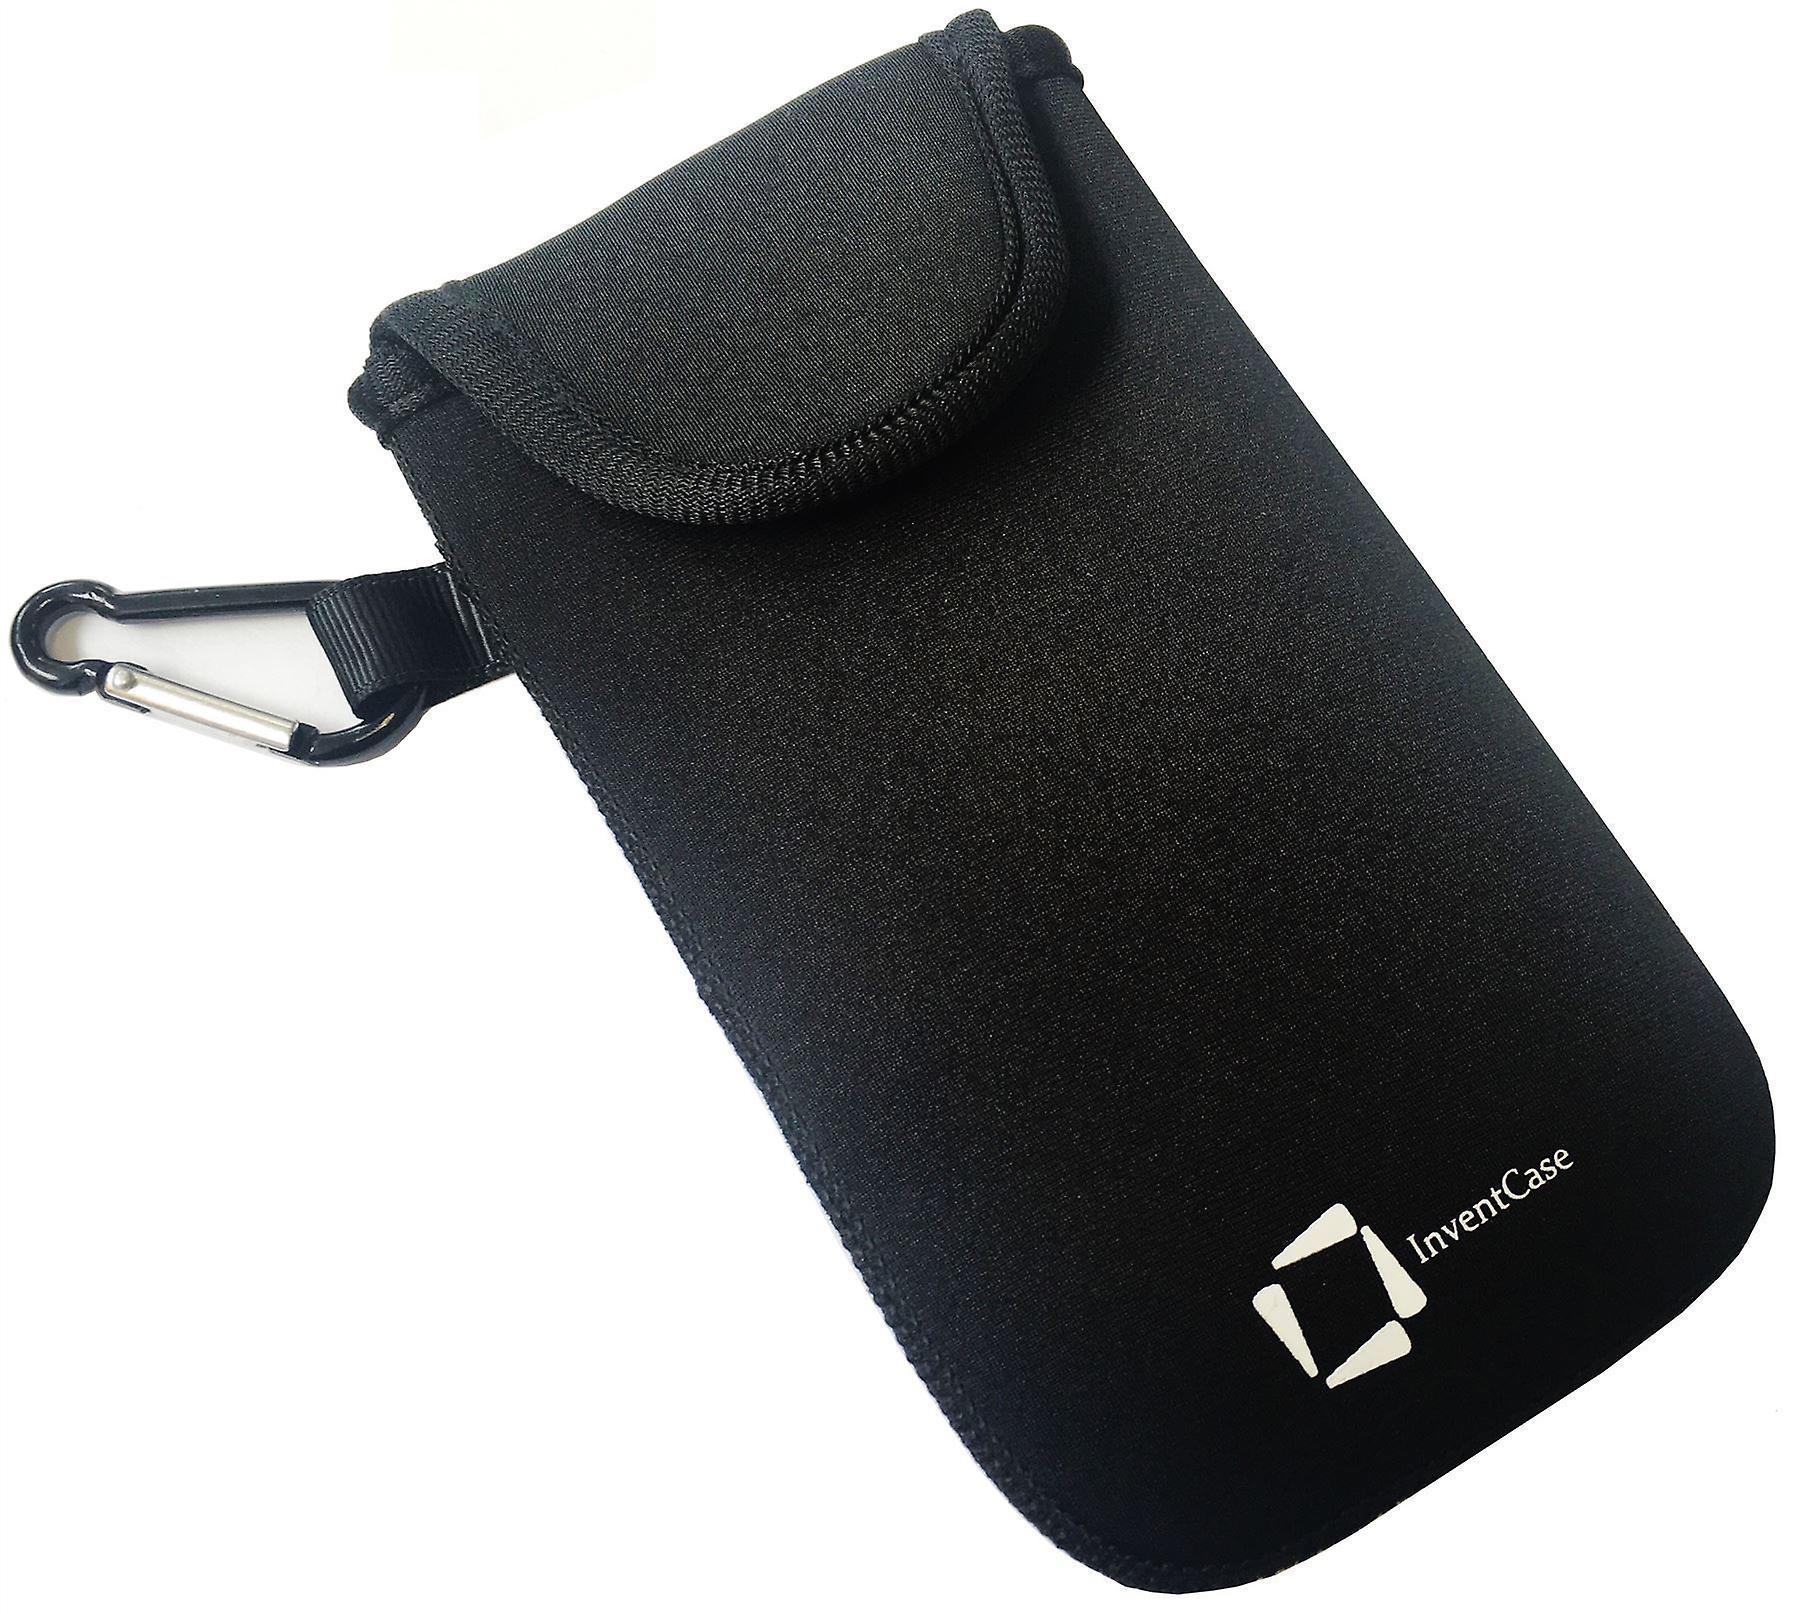 كيس تغطية القضية الحقيبة واقية مقاومة لتأثير النيوبرين إينفينتكاسي مع إغلاق Velcro والألمنيوم Carabiner لل جي G3--الأسود